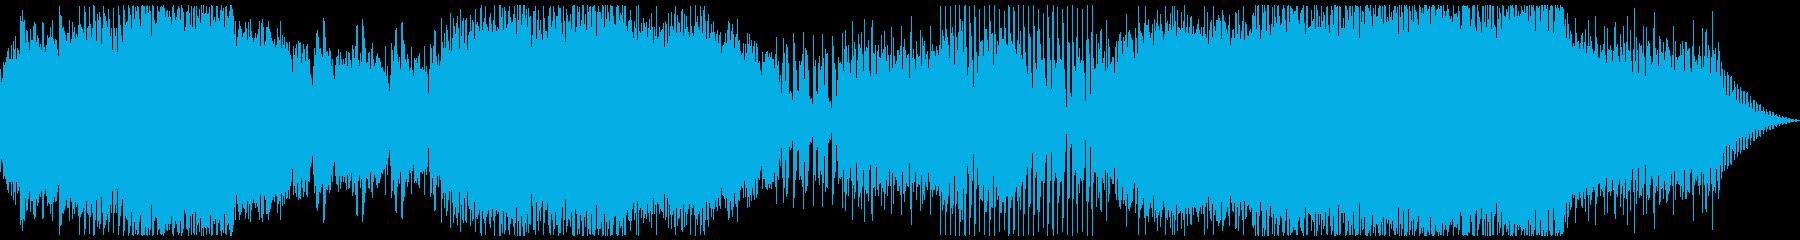 抜け殻のテーマ、エンドロール素材の再生済みの波形